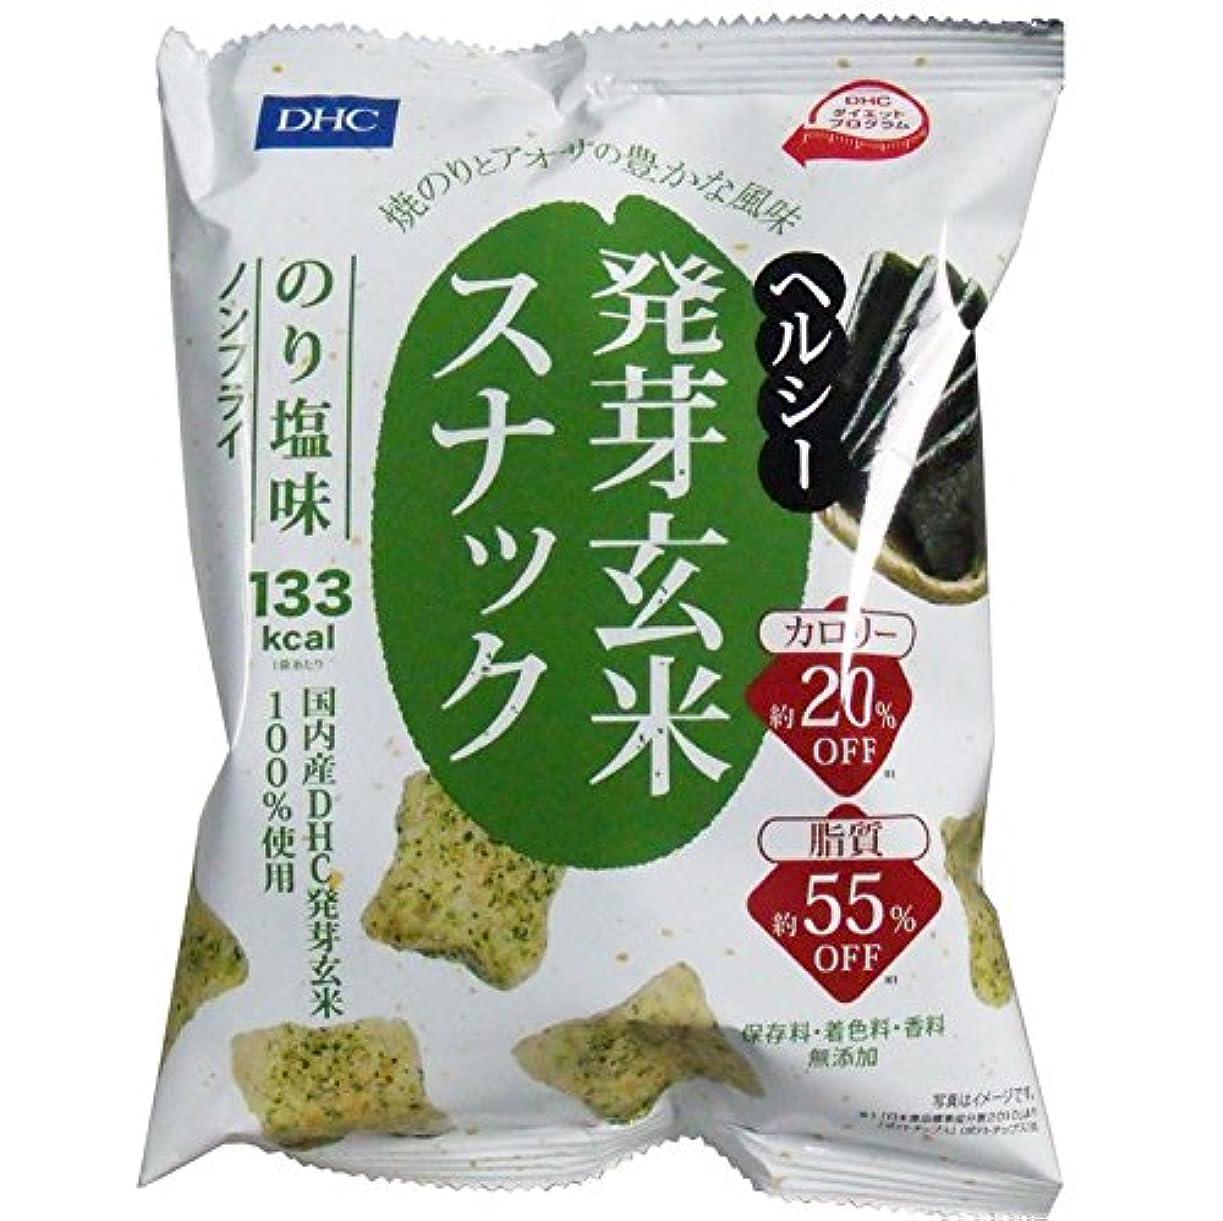 くすぐったい隣接するラブDHC ヘルシー発芽玄米スナック のり塩味 30g×12袋